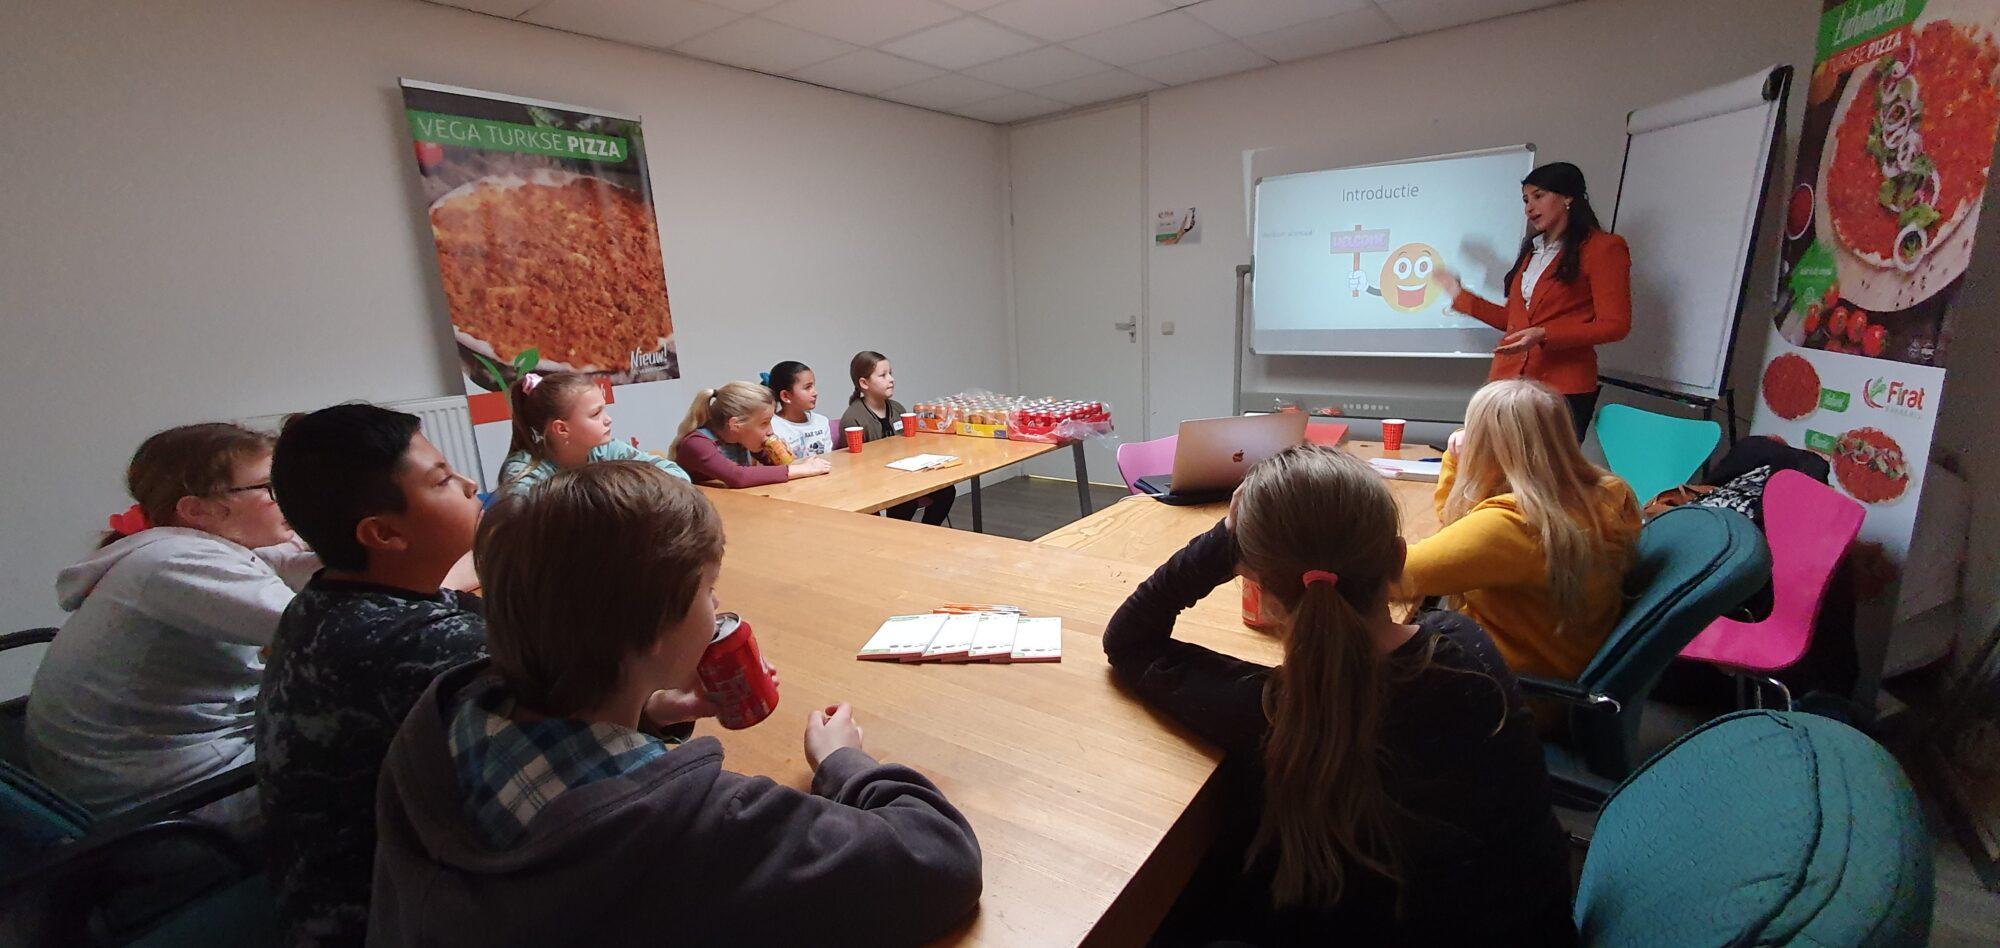 Woensdagmiddagclub van Kids College Apeldoorn